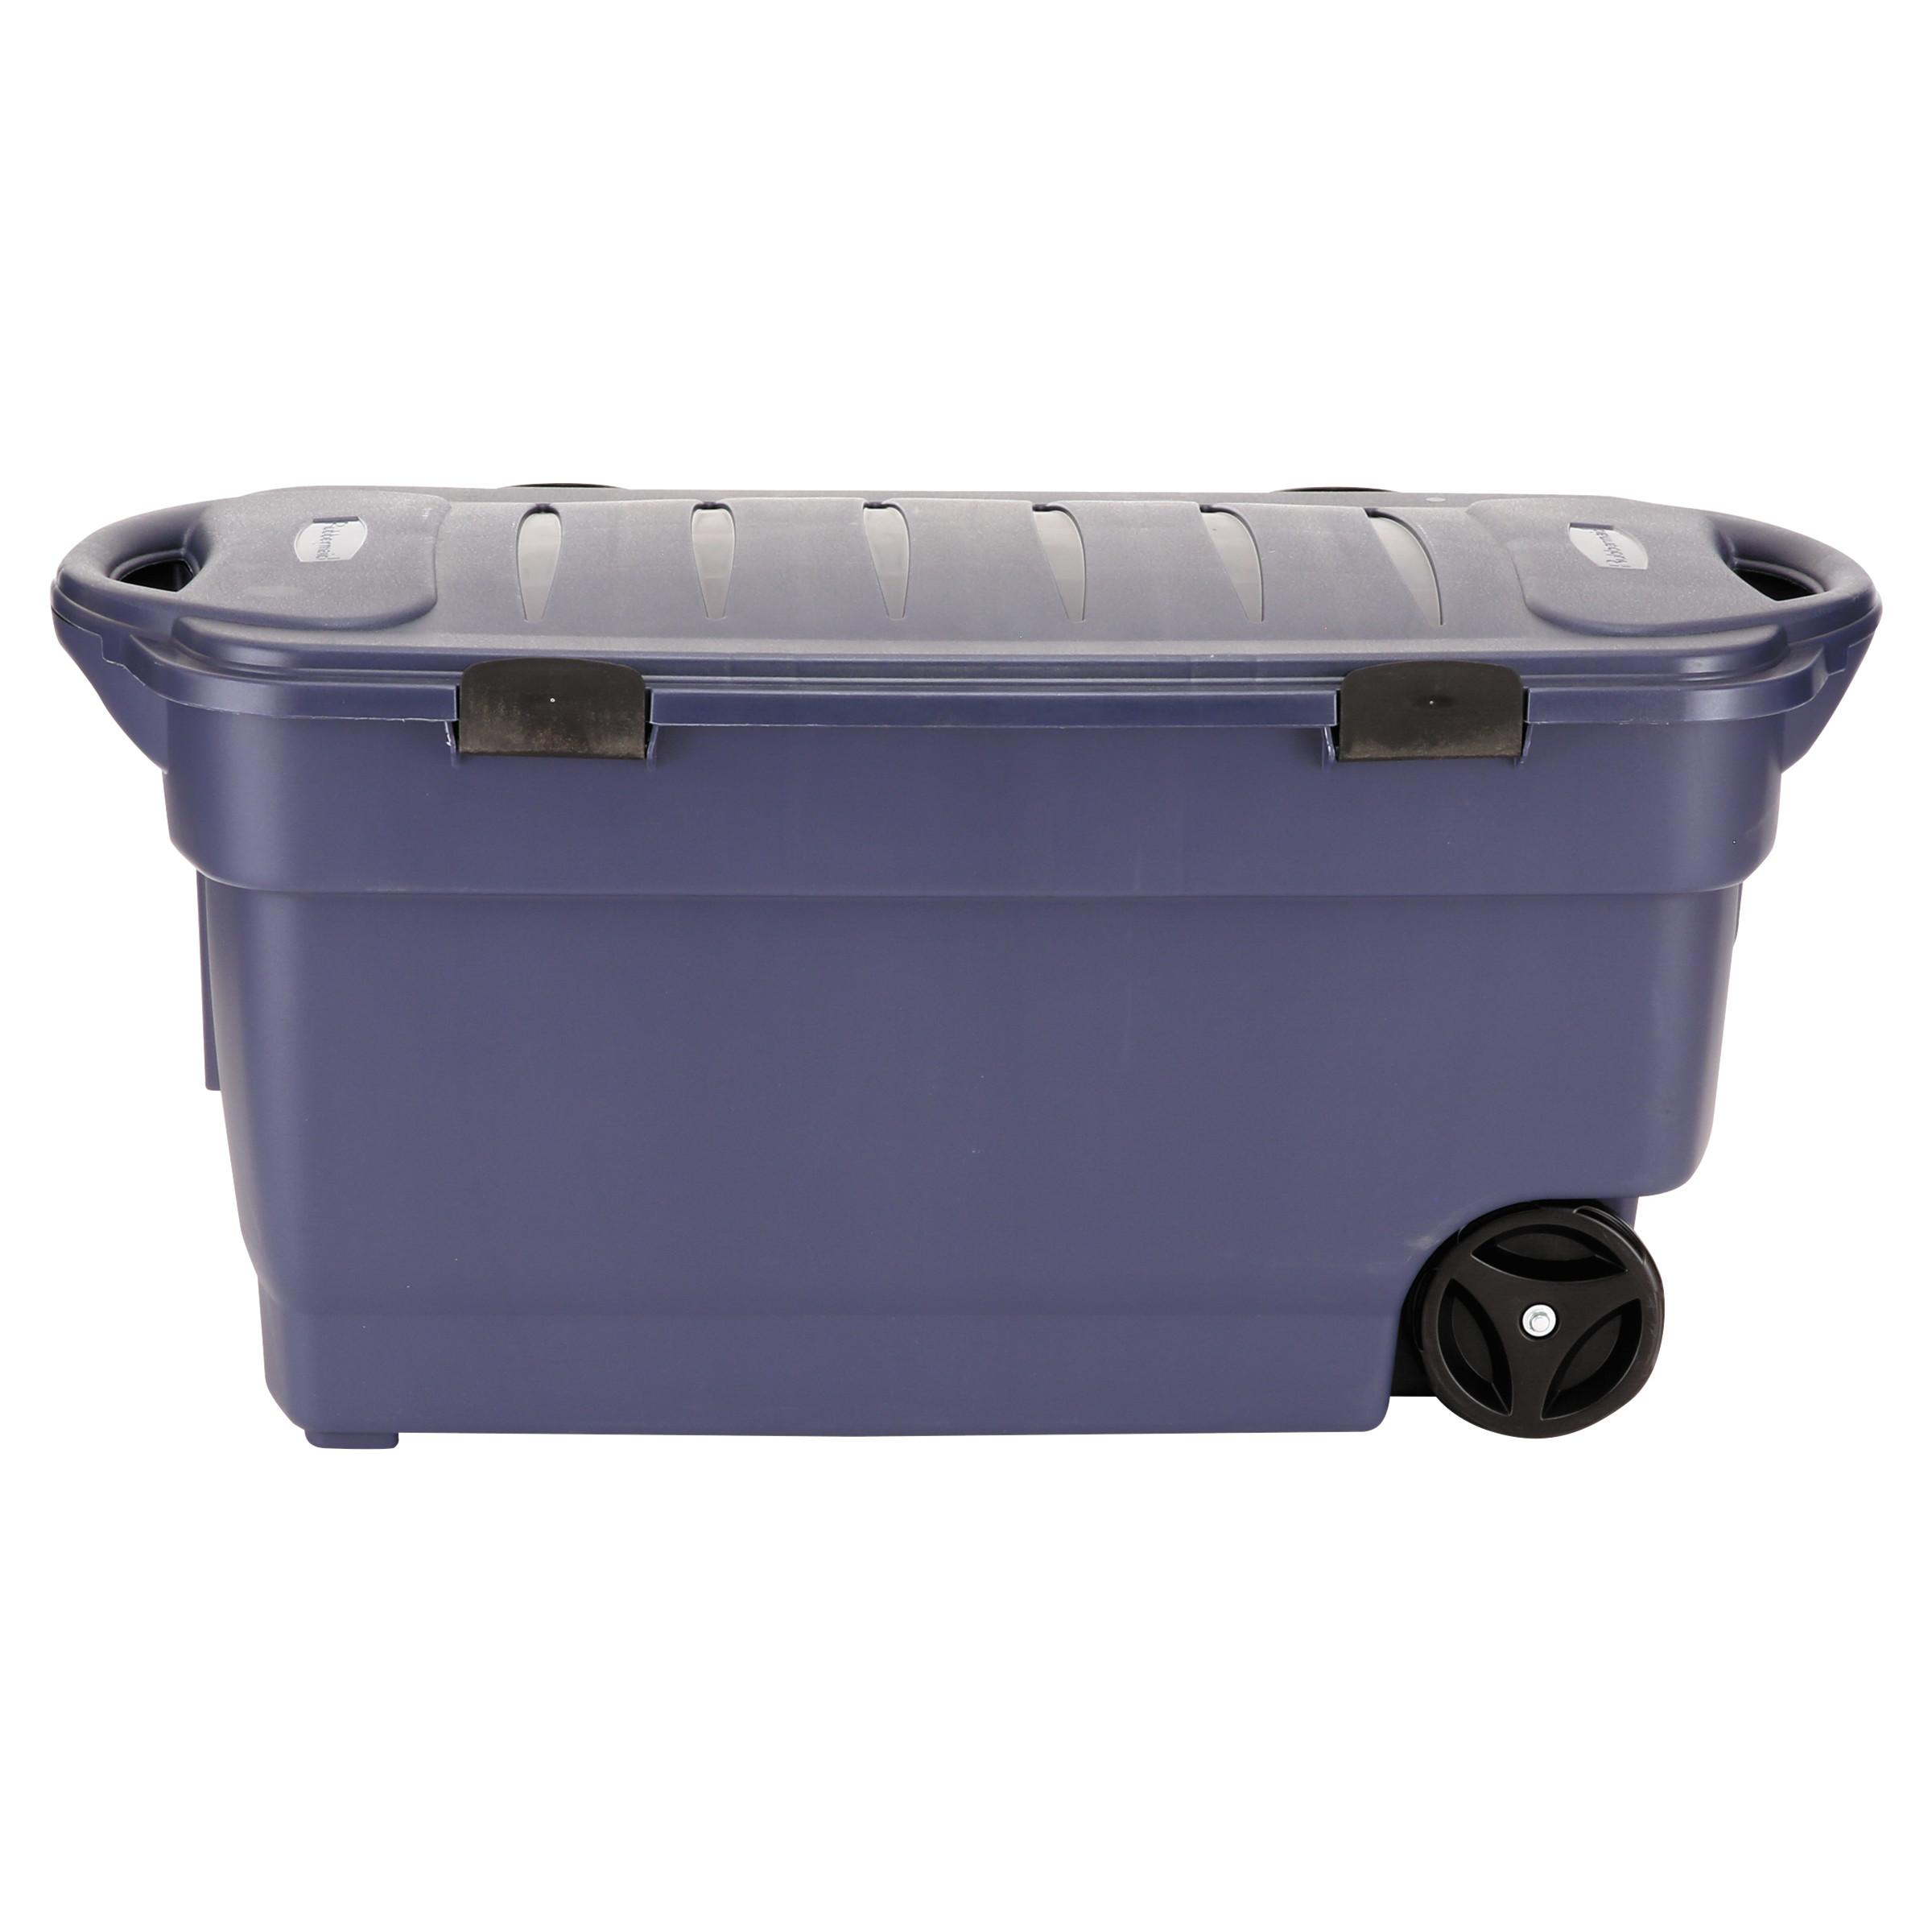 Rubbermaid Roughneck Wheeled Storage Box 45gal Dark Indigo